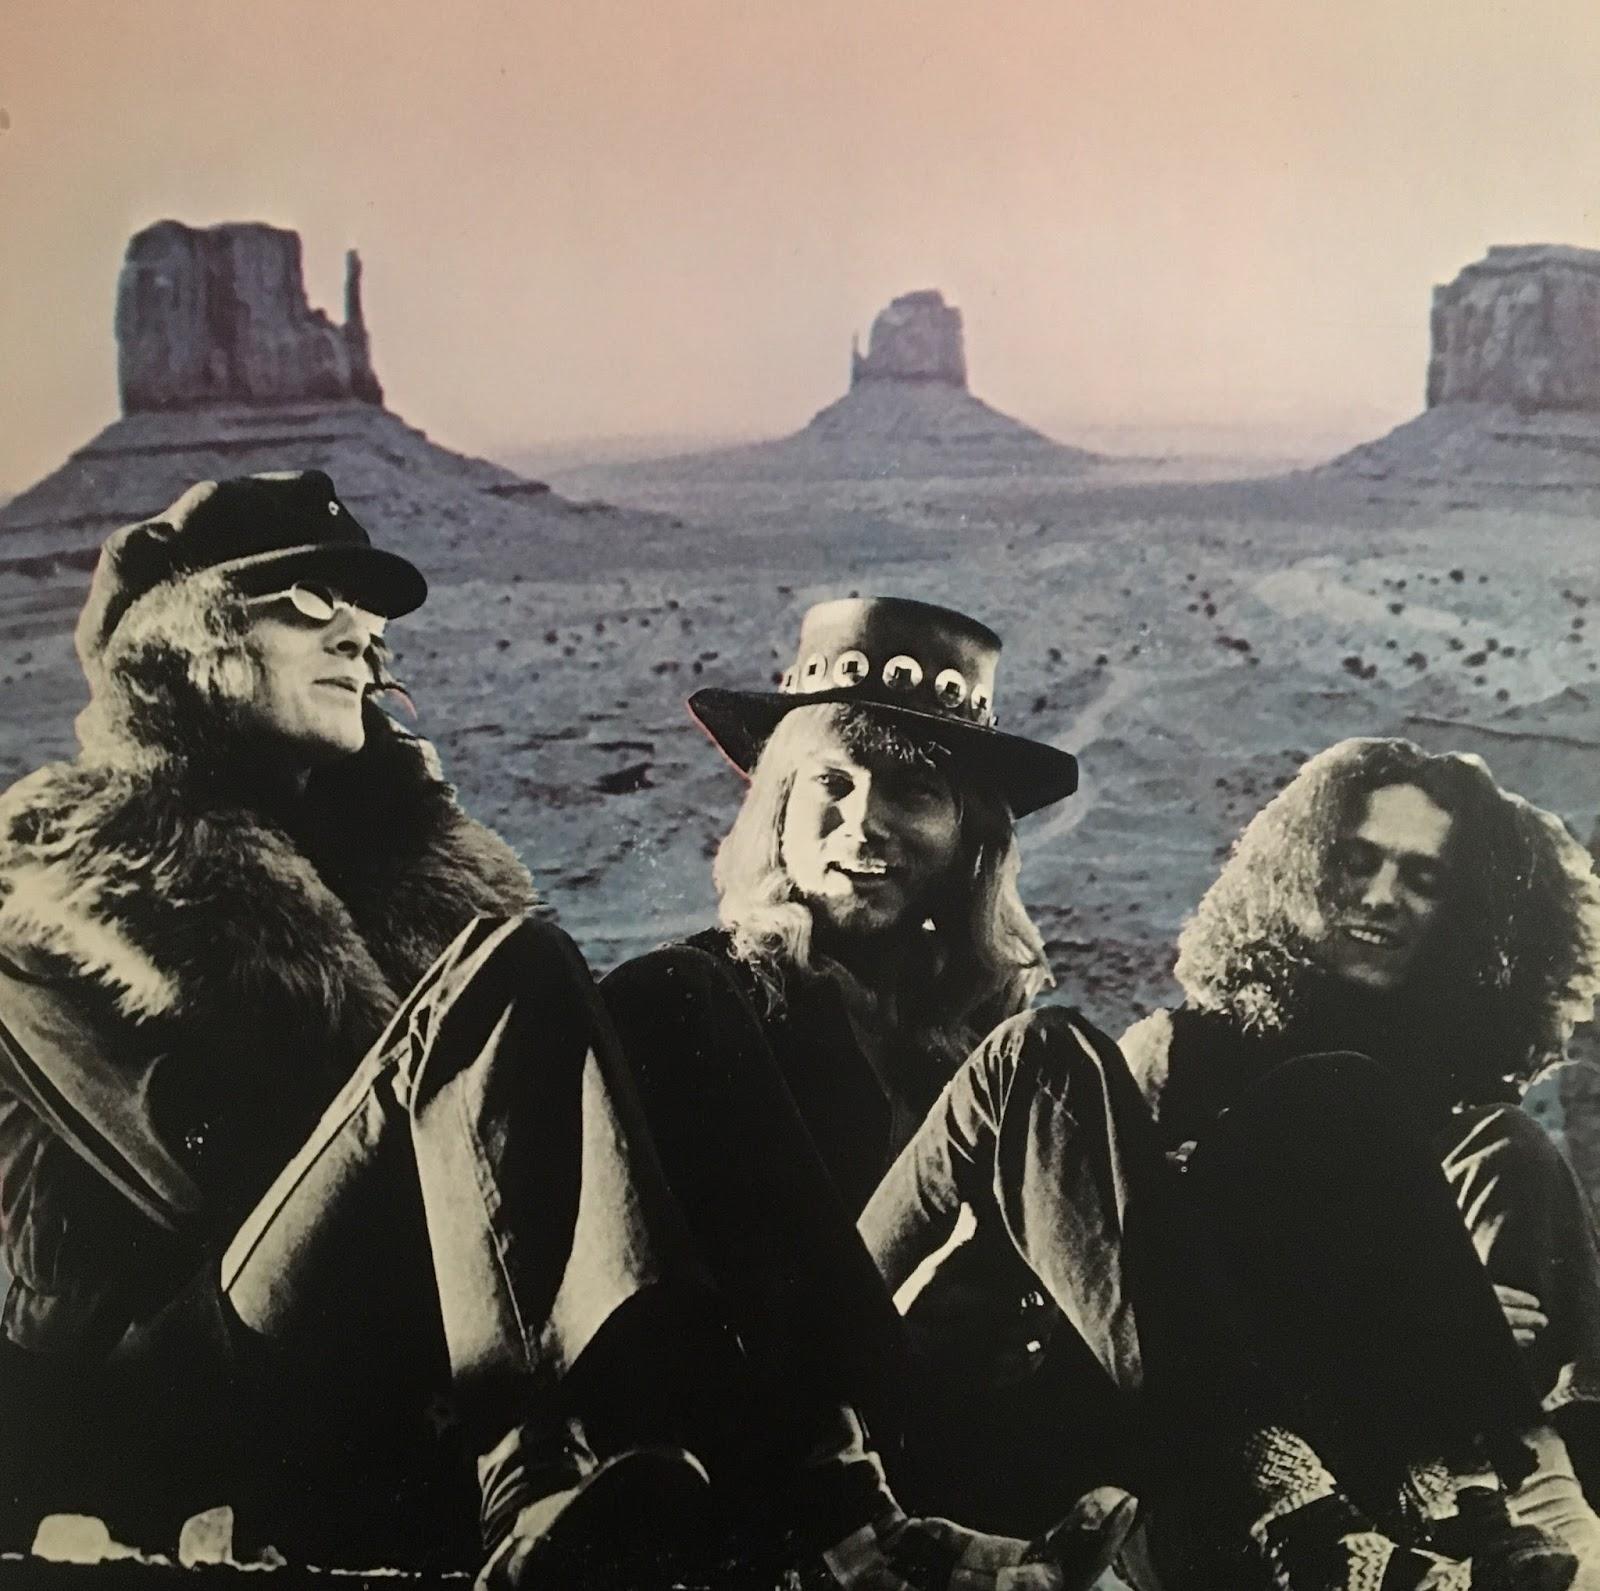 La nueva banda de Noel despues de Hendrix